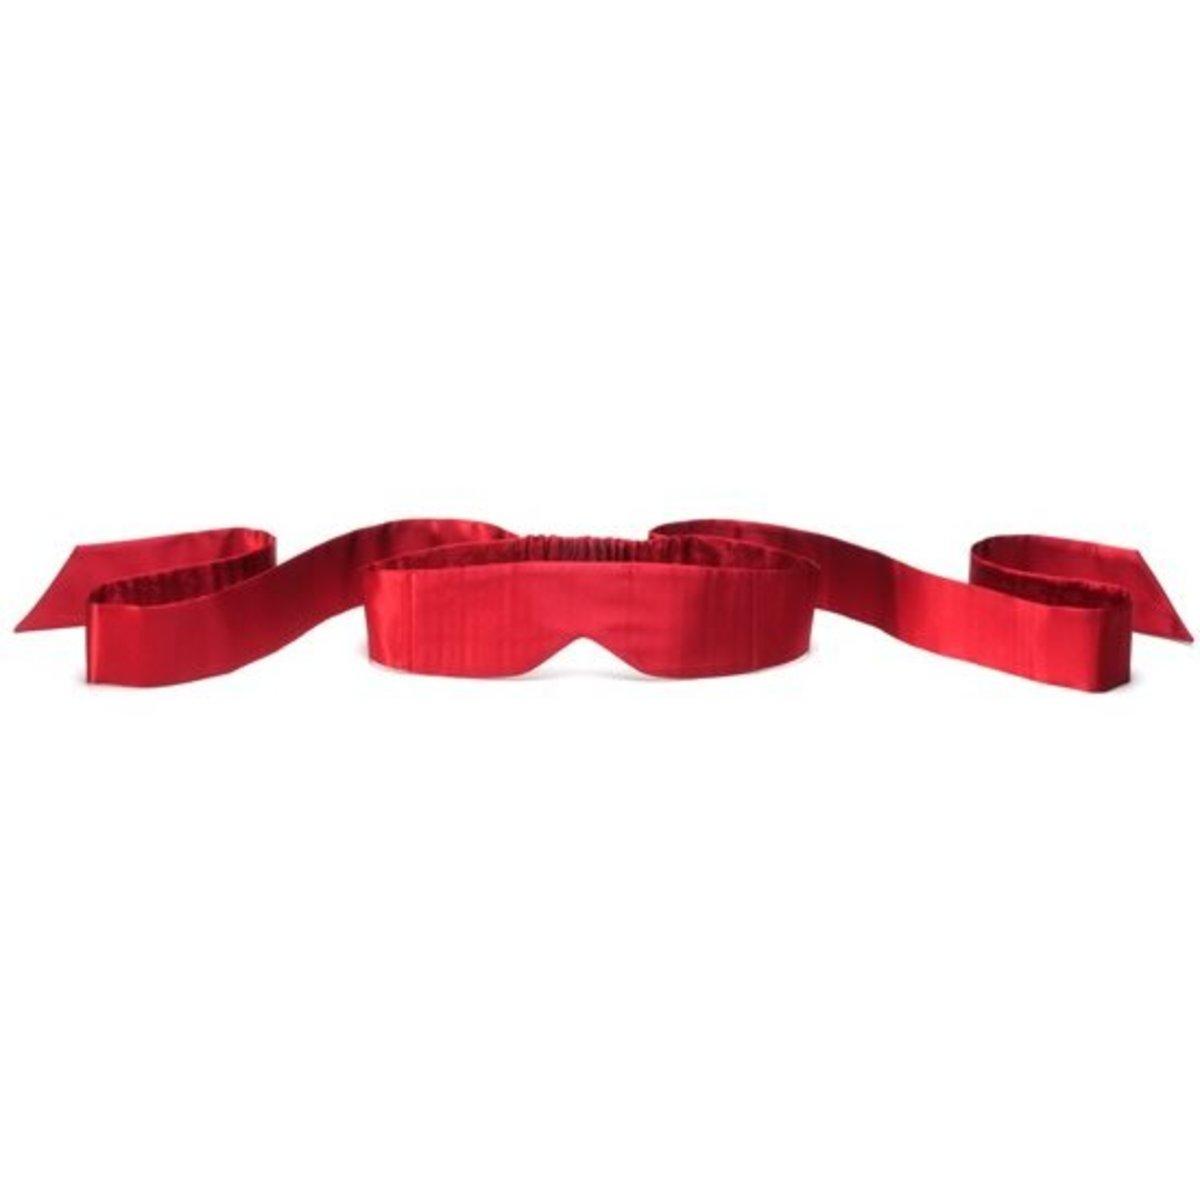 全絲眼罩 Intima Silk Blindfold- 紅色